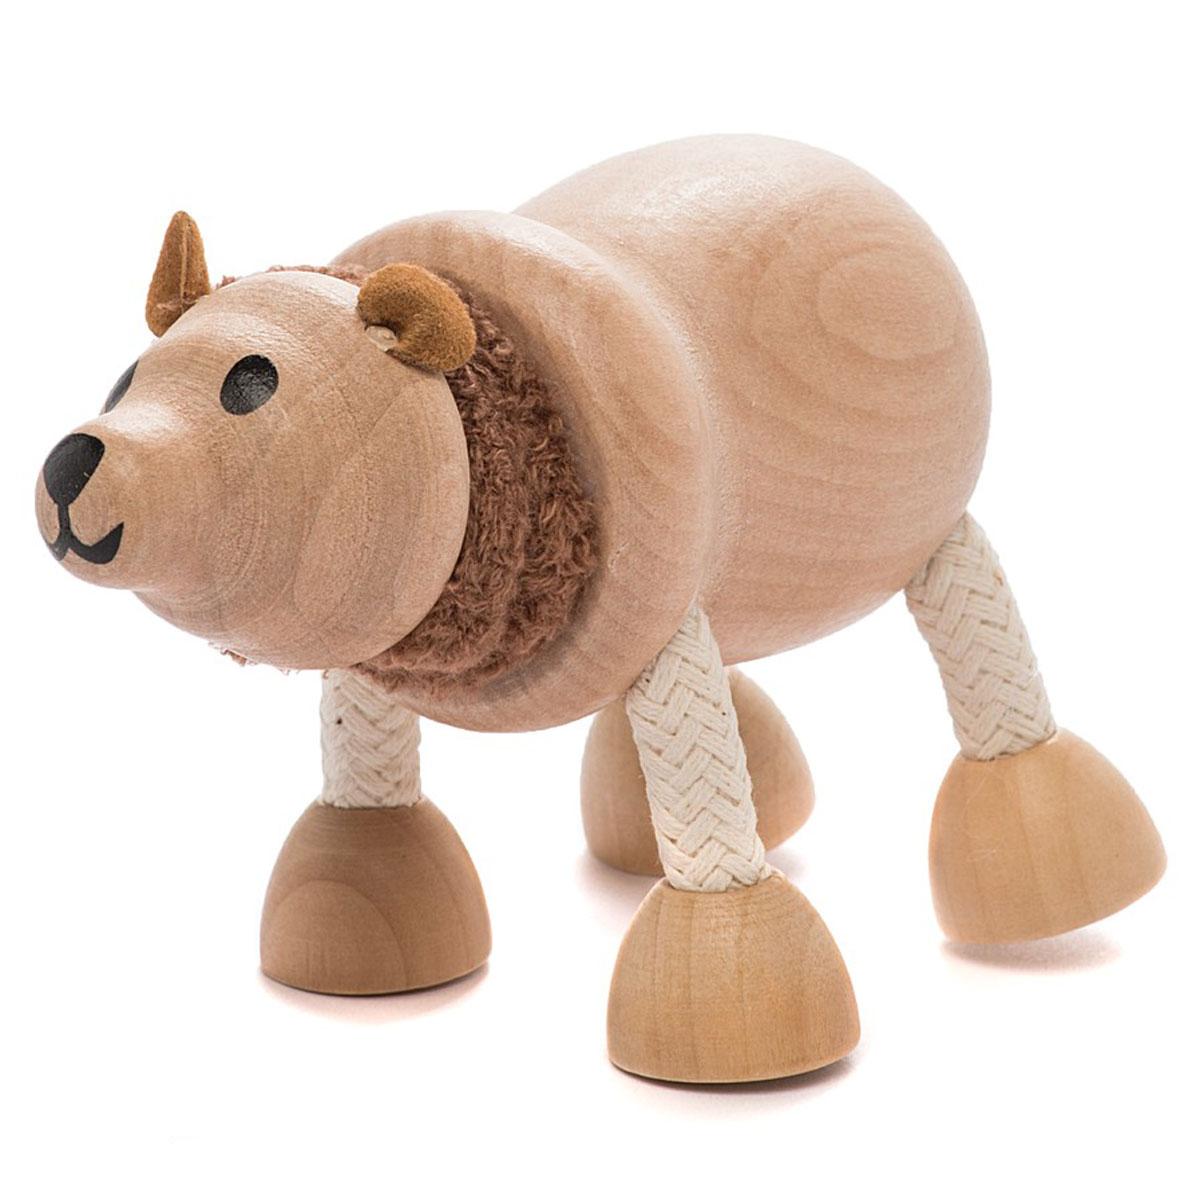 AnaMalz Фигурка деревянная Бурый мишкаBE2010Бурый мишка живет в дремучем лесу, любит мед, малину, и ловит рыбу. Шея у него мягкая, пушистая и может свободно поворачиваться в разные стороны, также как и лапы. Игрушка изготовлена из экологичных материалов: дерева, натуральных тканей и веревки. Фигурка раскрашена вручную безопасными для детей красками. Anamalz - это качественные экологичные игрушки родом из Австралии. В 2007 году дизайнер Луиза Козон-Скотт вместе с мужем решили встряхнуть индустрию деревянных игрушек и сделать их более уютными и пластичными. Эти качества и отличают фигурки Anamalz и сегодня. Благодаря гнущимся деталям звери могут оживать, принимая разные позы. Деревянные игрушки дополнены тканевыми элементами, причем ткани используются только натуральные: хлопок, шерсть, шелк. Фигурки производятся из вечнозеленого дерева шима (или игольчатое дерево), выращивается оно на лесных плантациях в Китае.